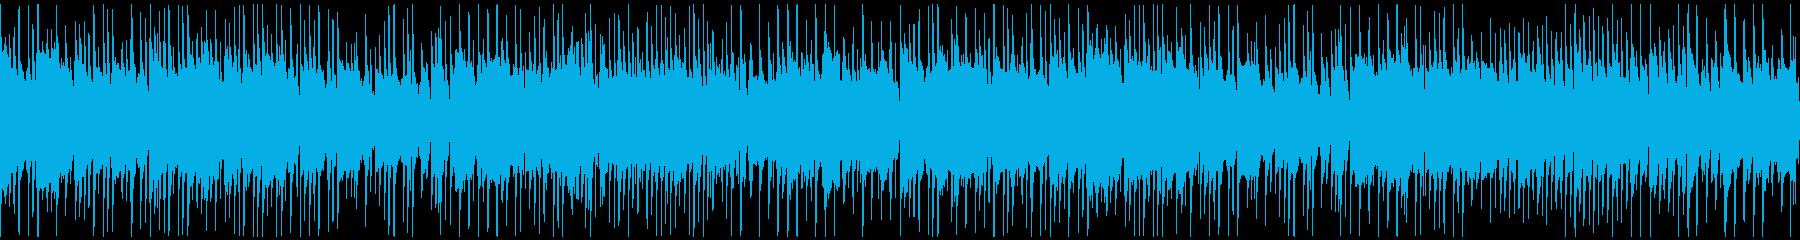 落ち着いた日常のアコースティック曲の再生済みの波形